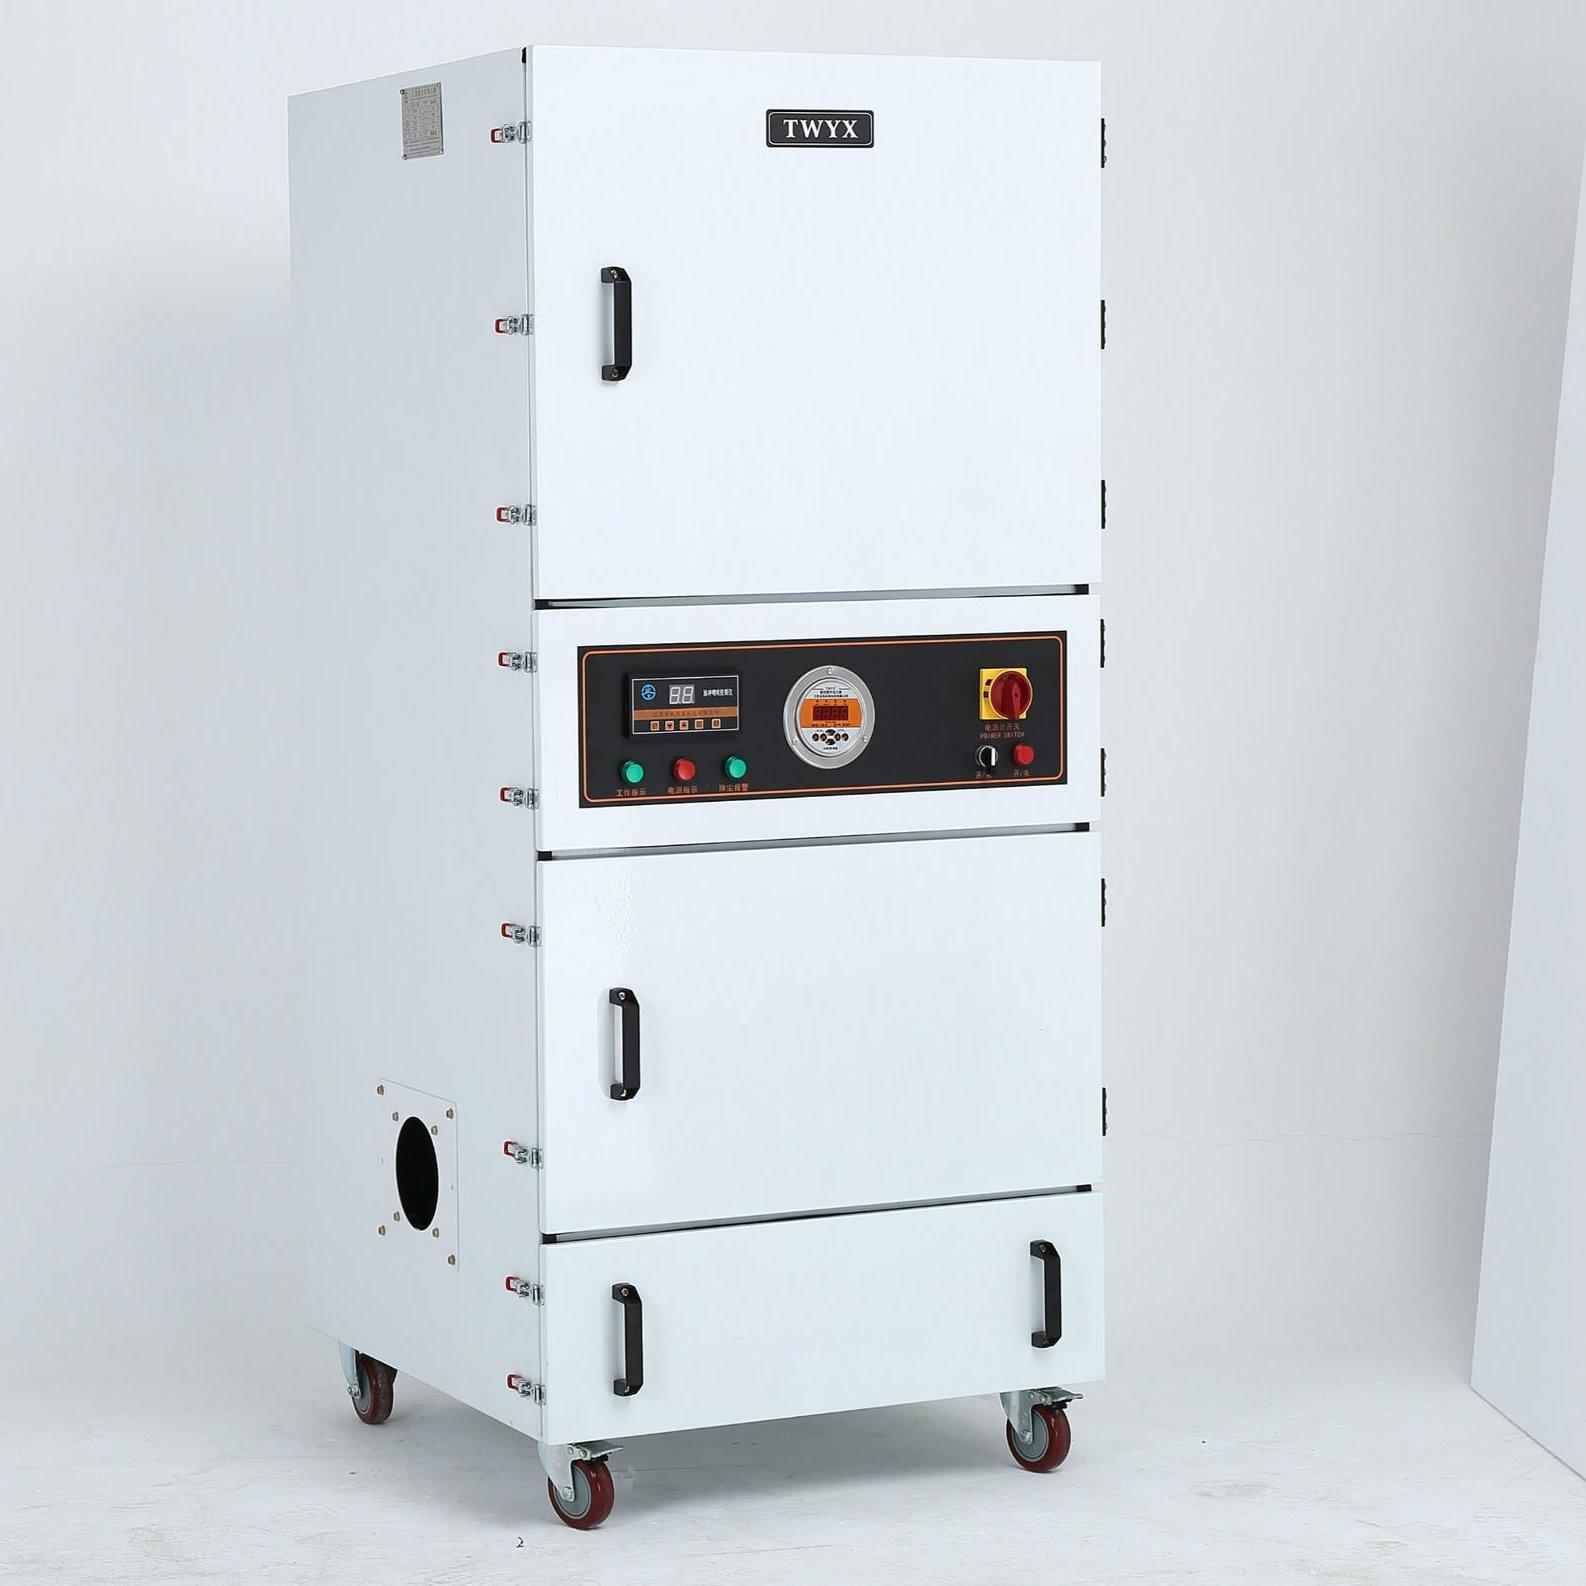 非标定制 磨床吸尘器CW-220S  功率2.2kw磨床金属粉末工业磨床吸尘器 工业吸尘器